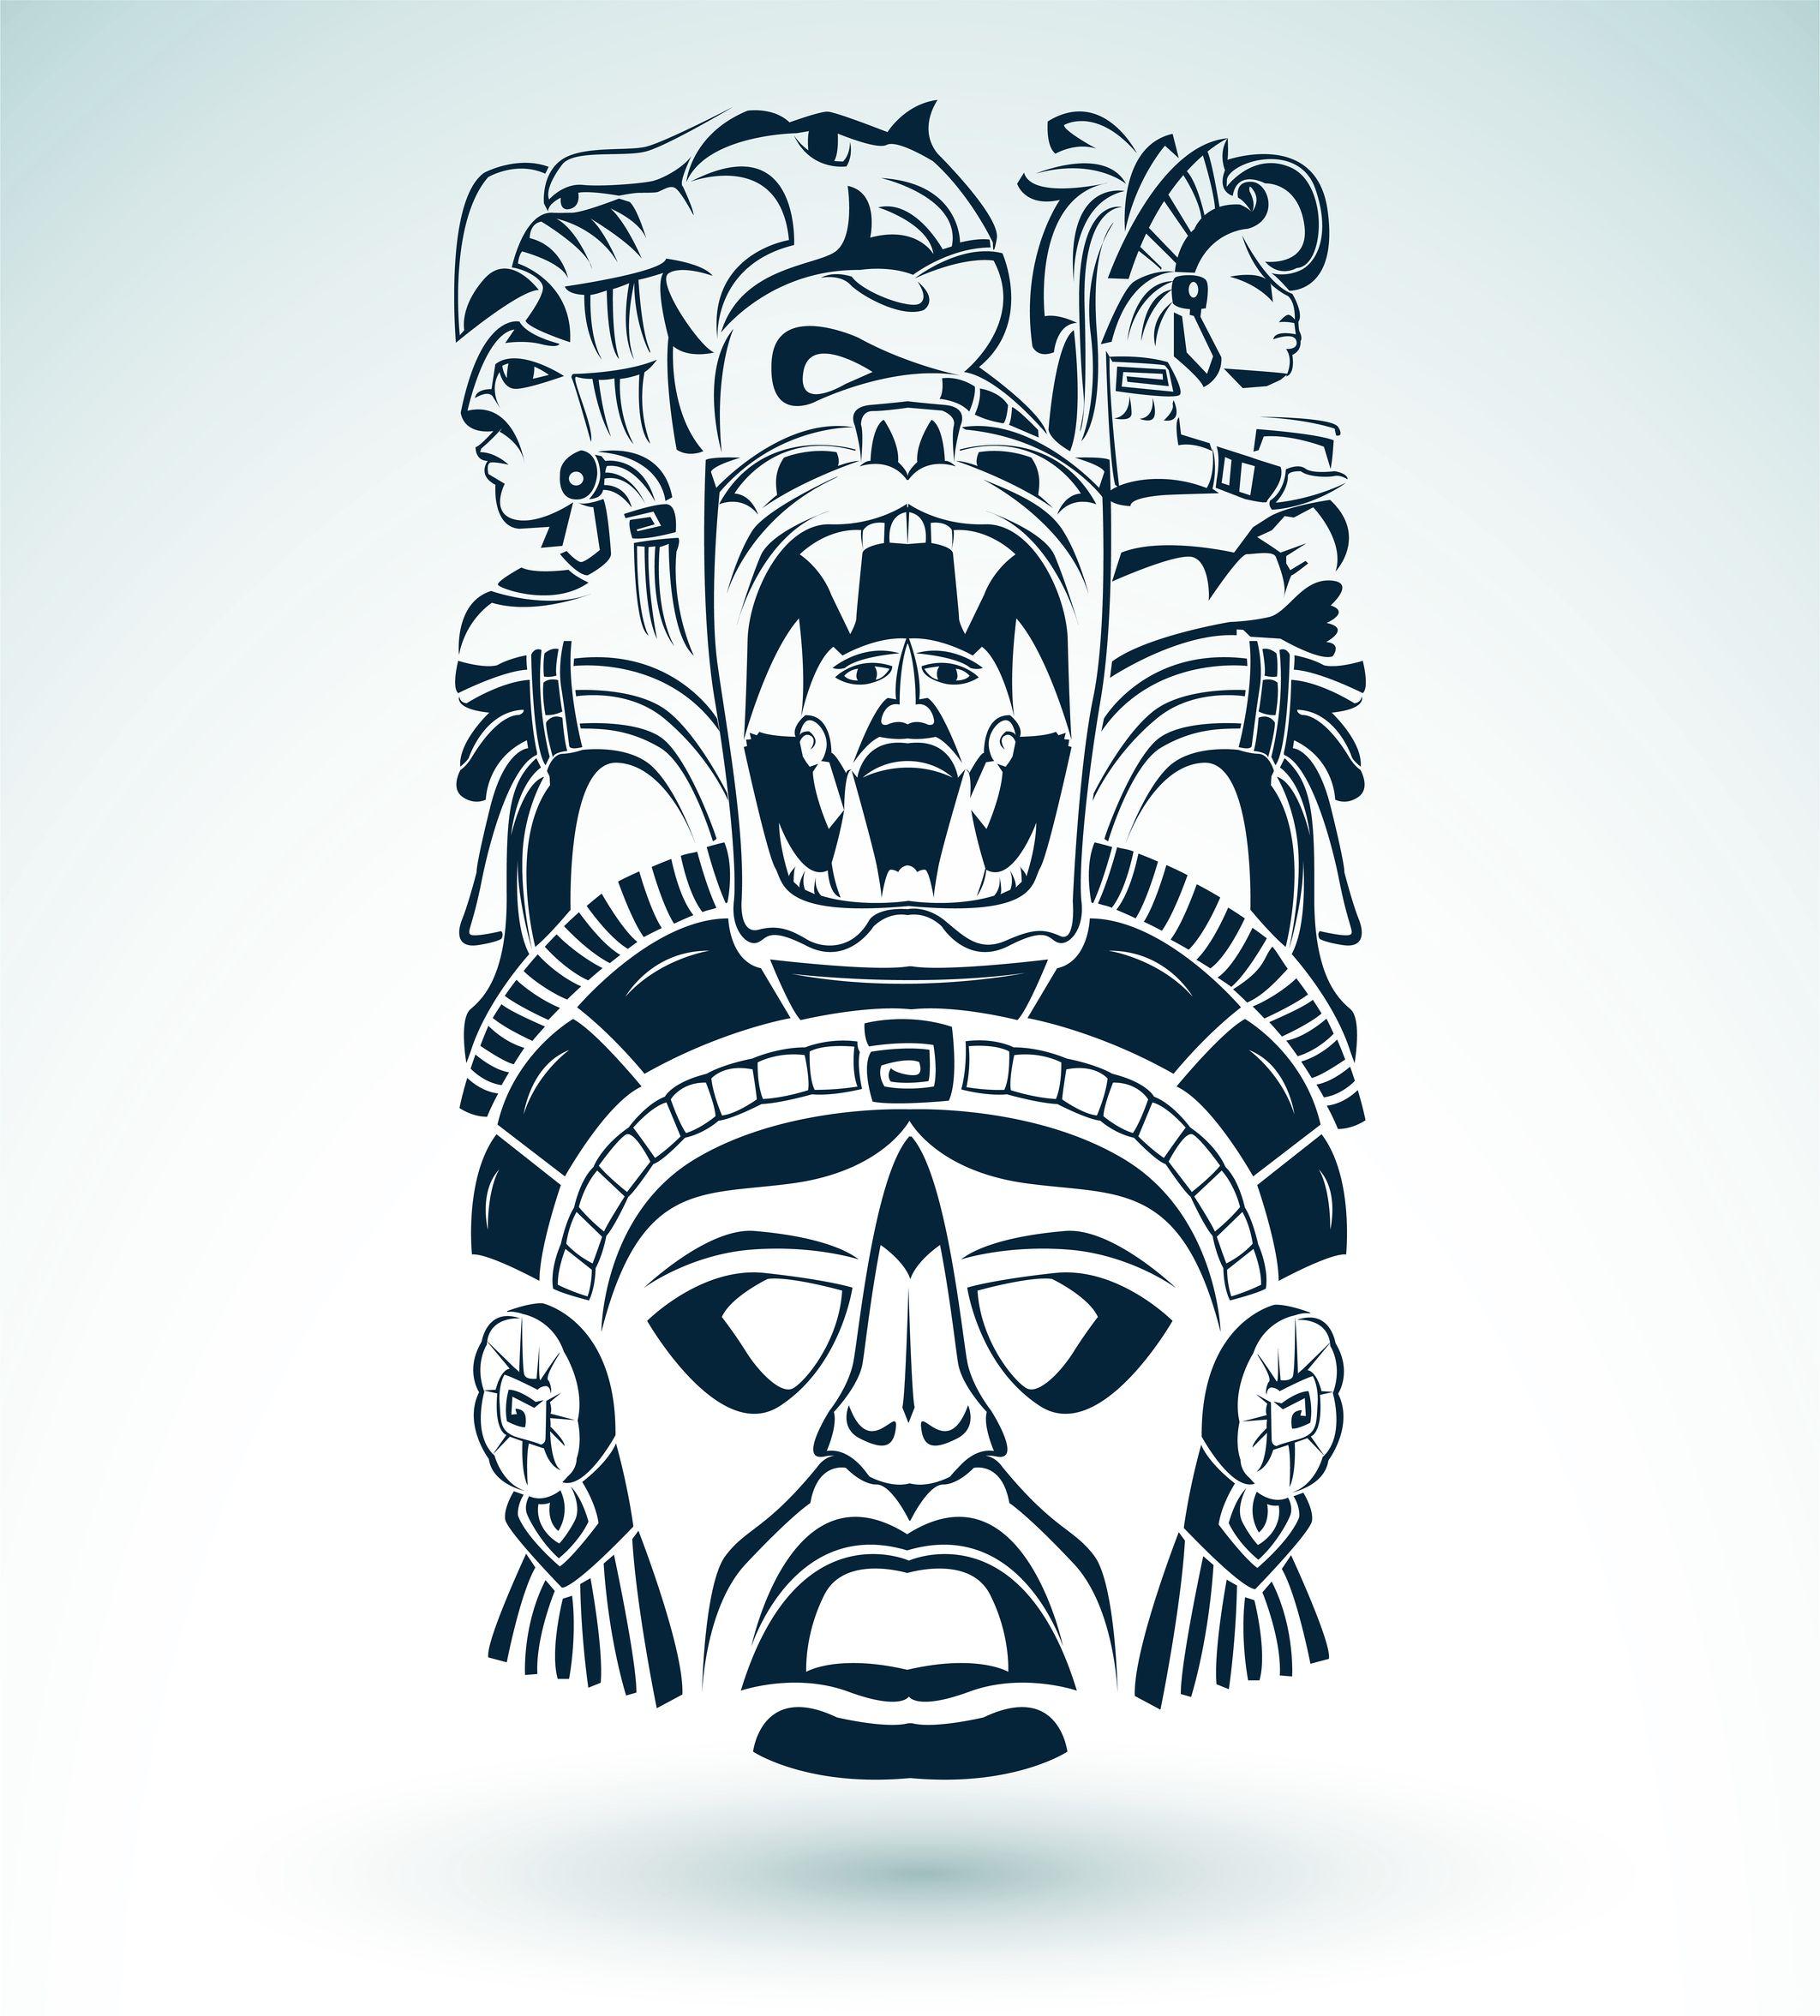 aztec-jaguar-warrior-tattoo.jpg (2124×2353) | Tattoos ...